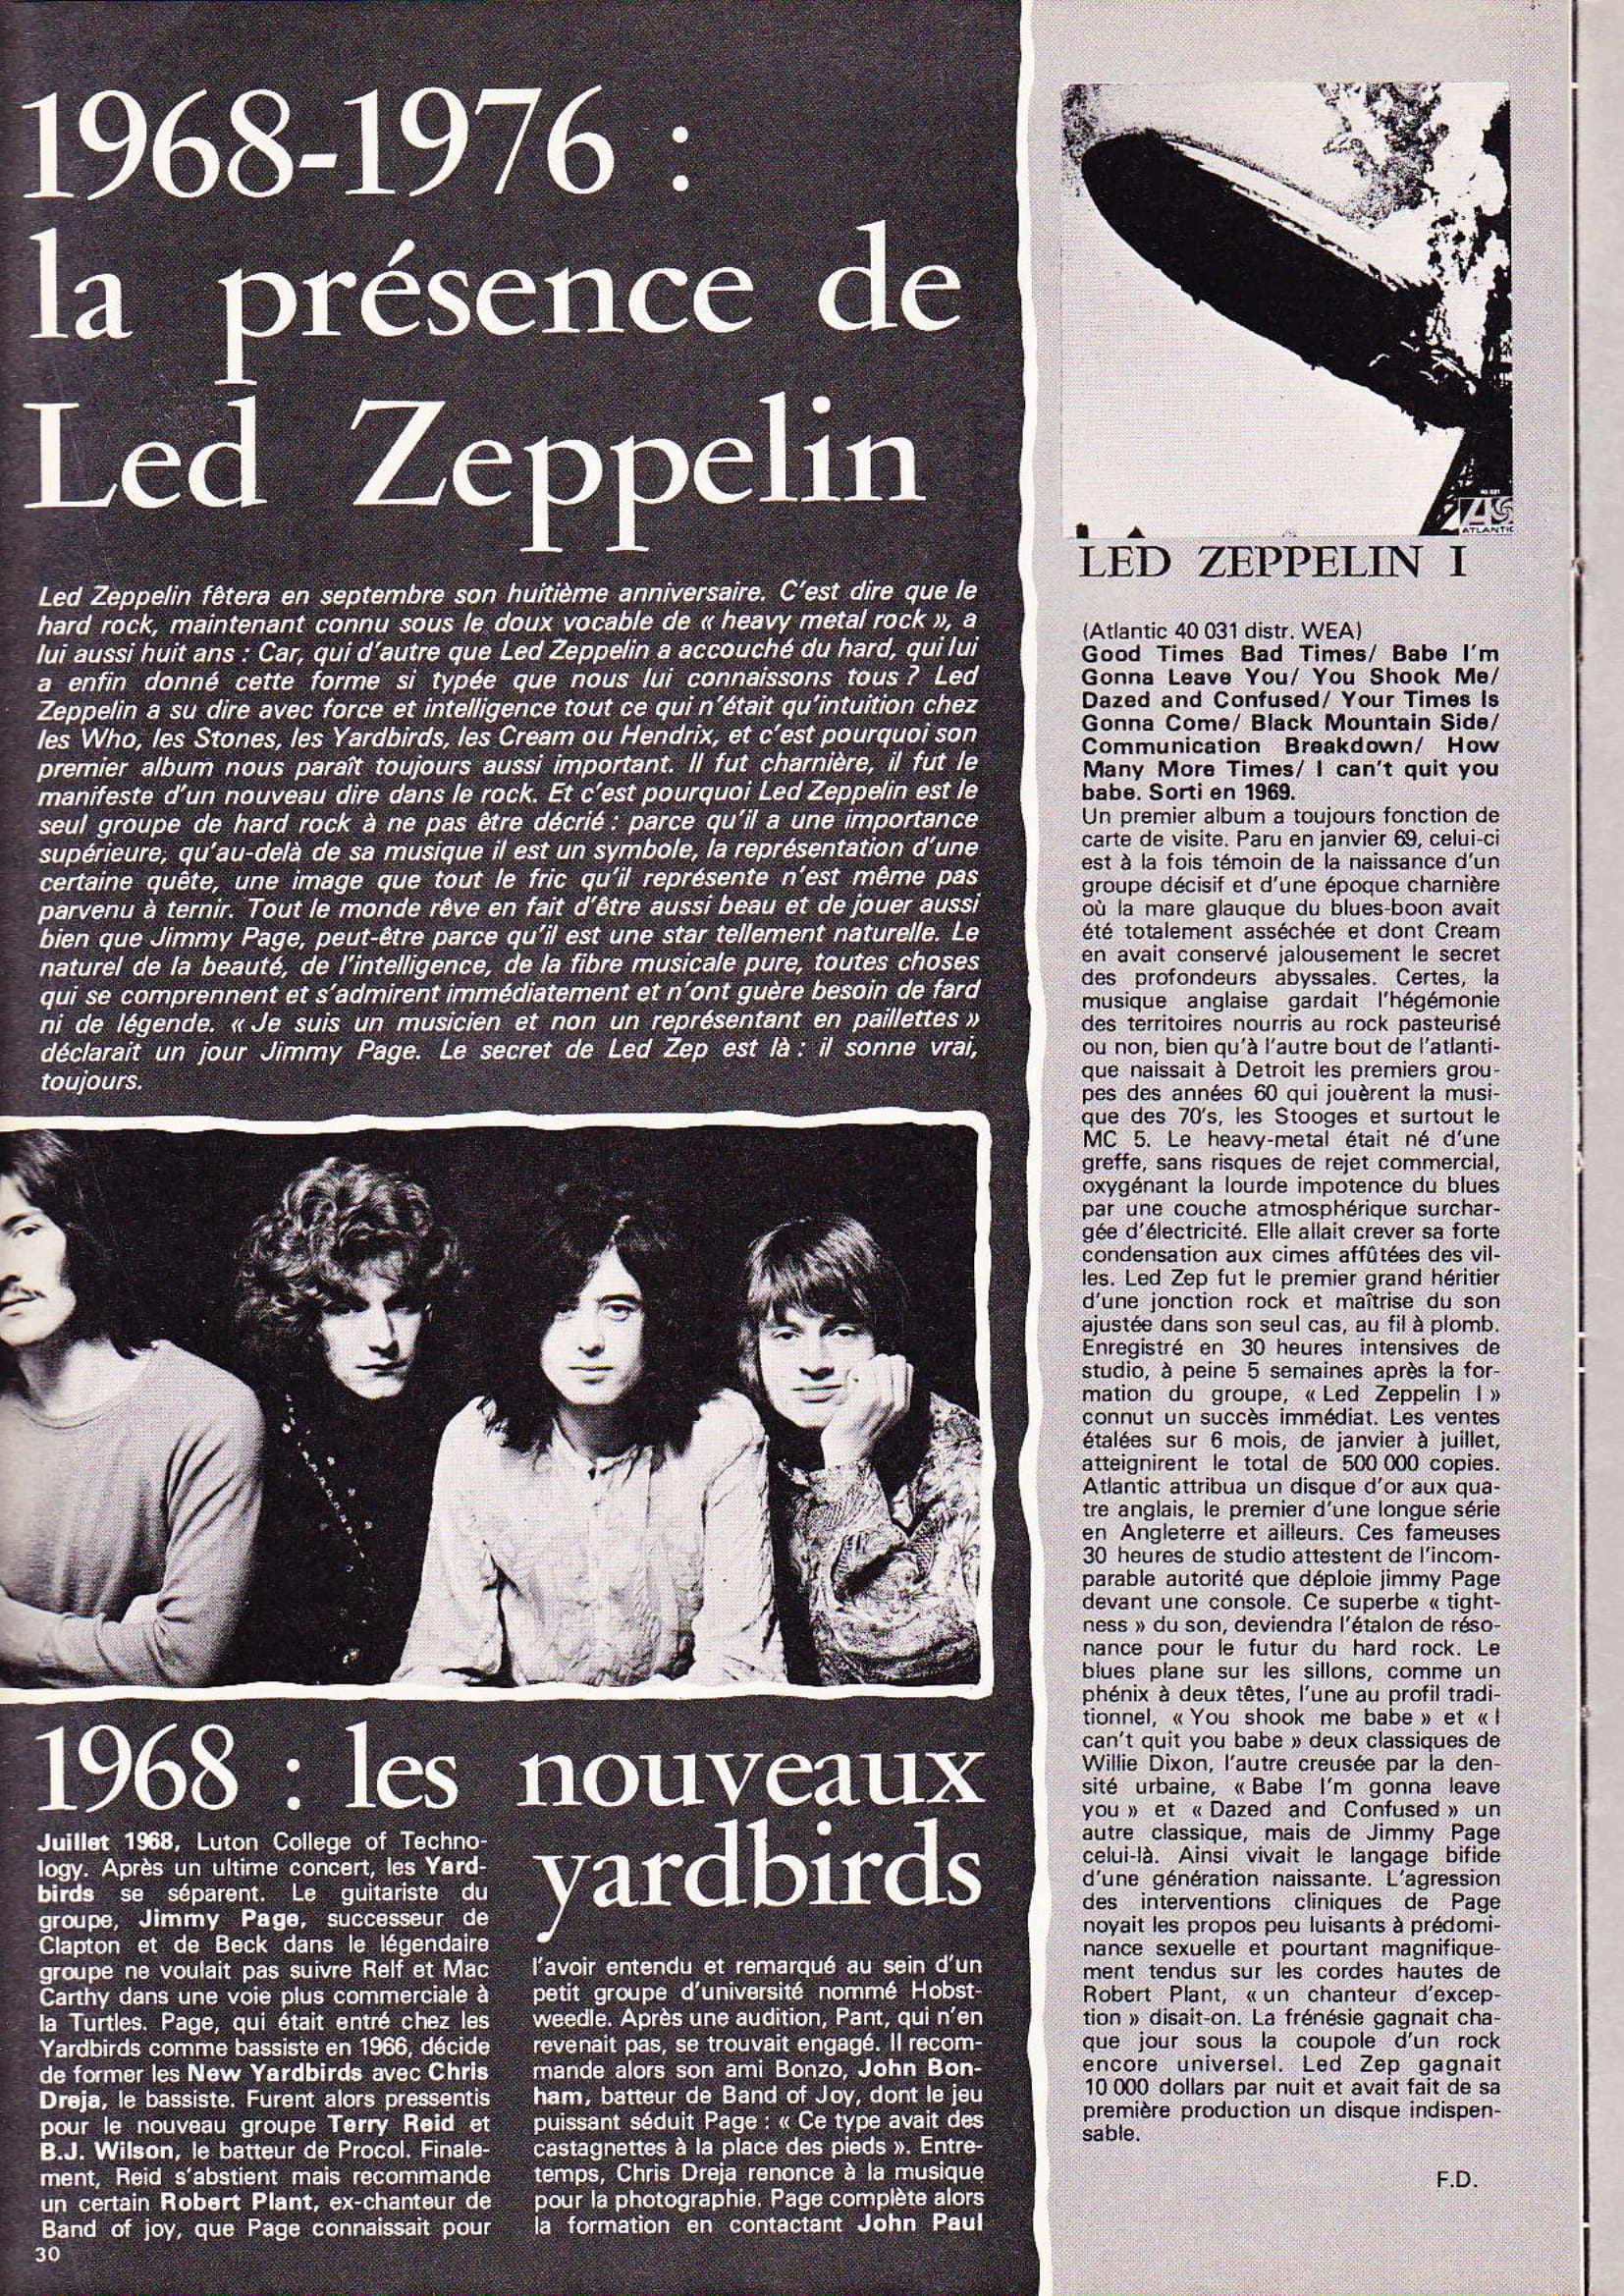 LED ZEPPELIN dans BEST N°93 Avril 1976 (Archive à lire) Best_915